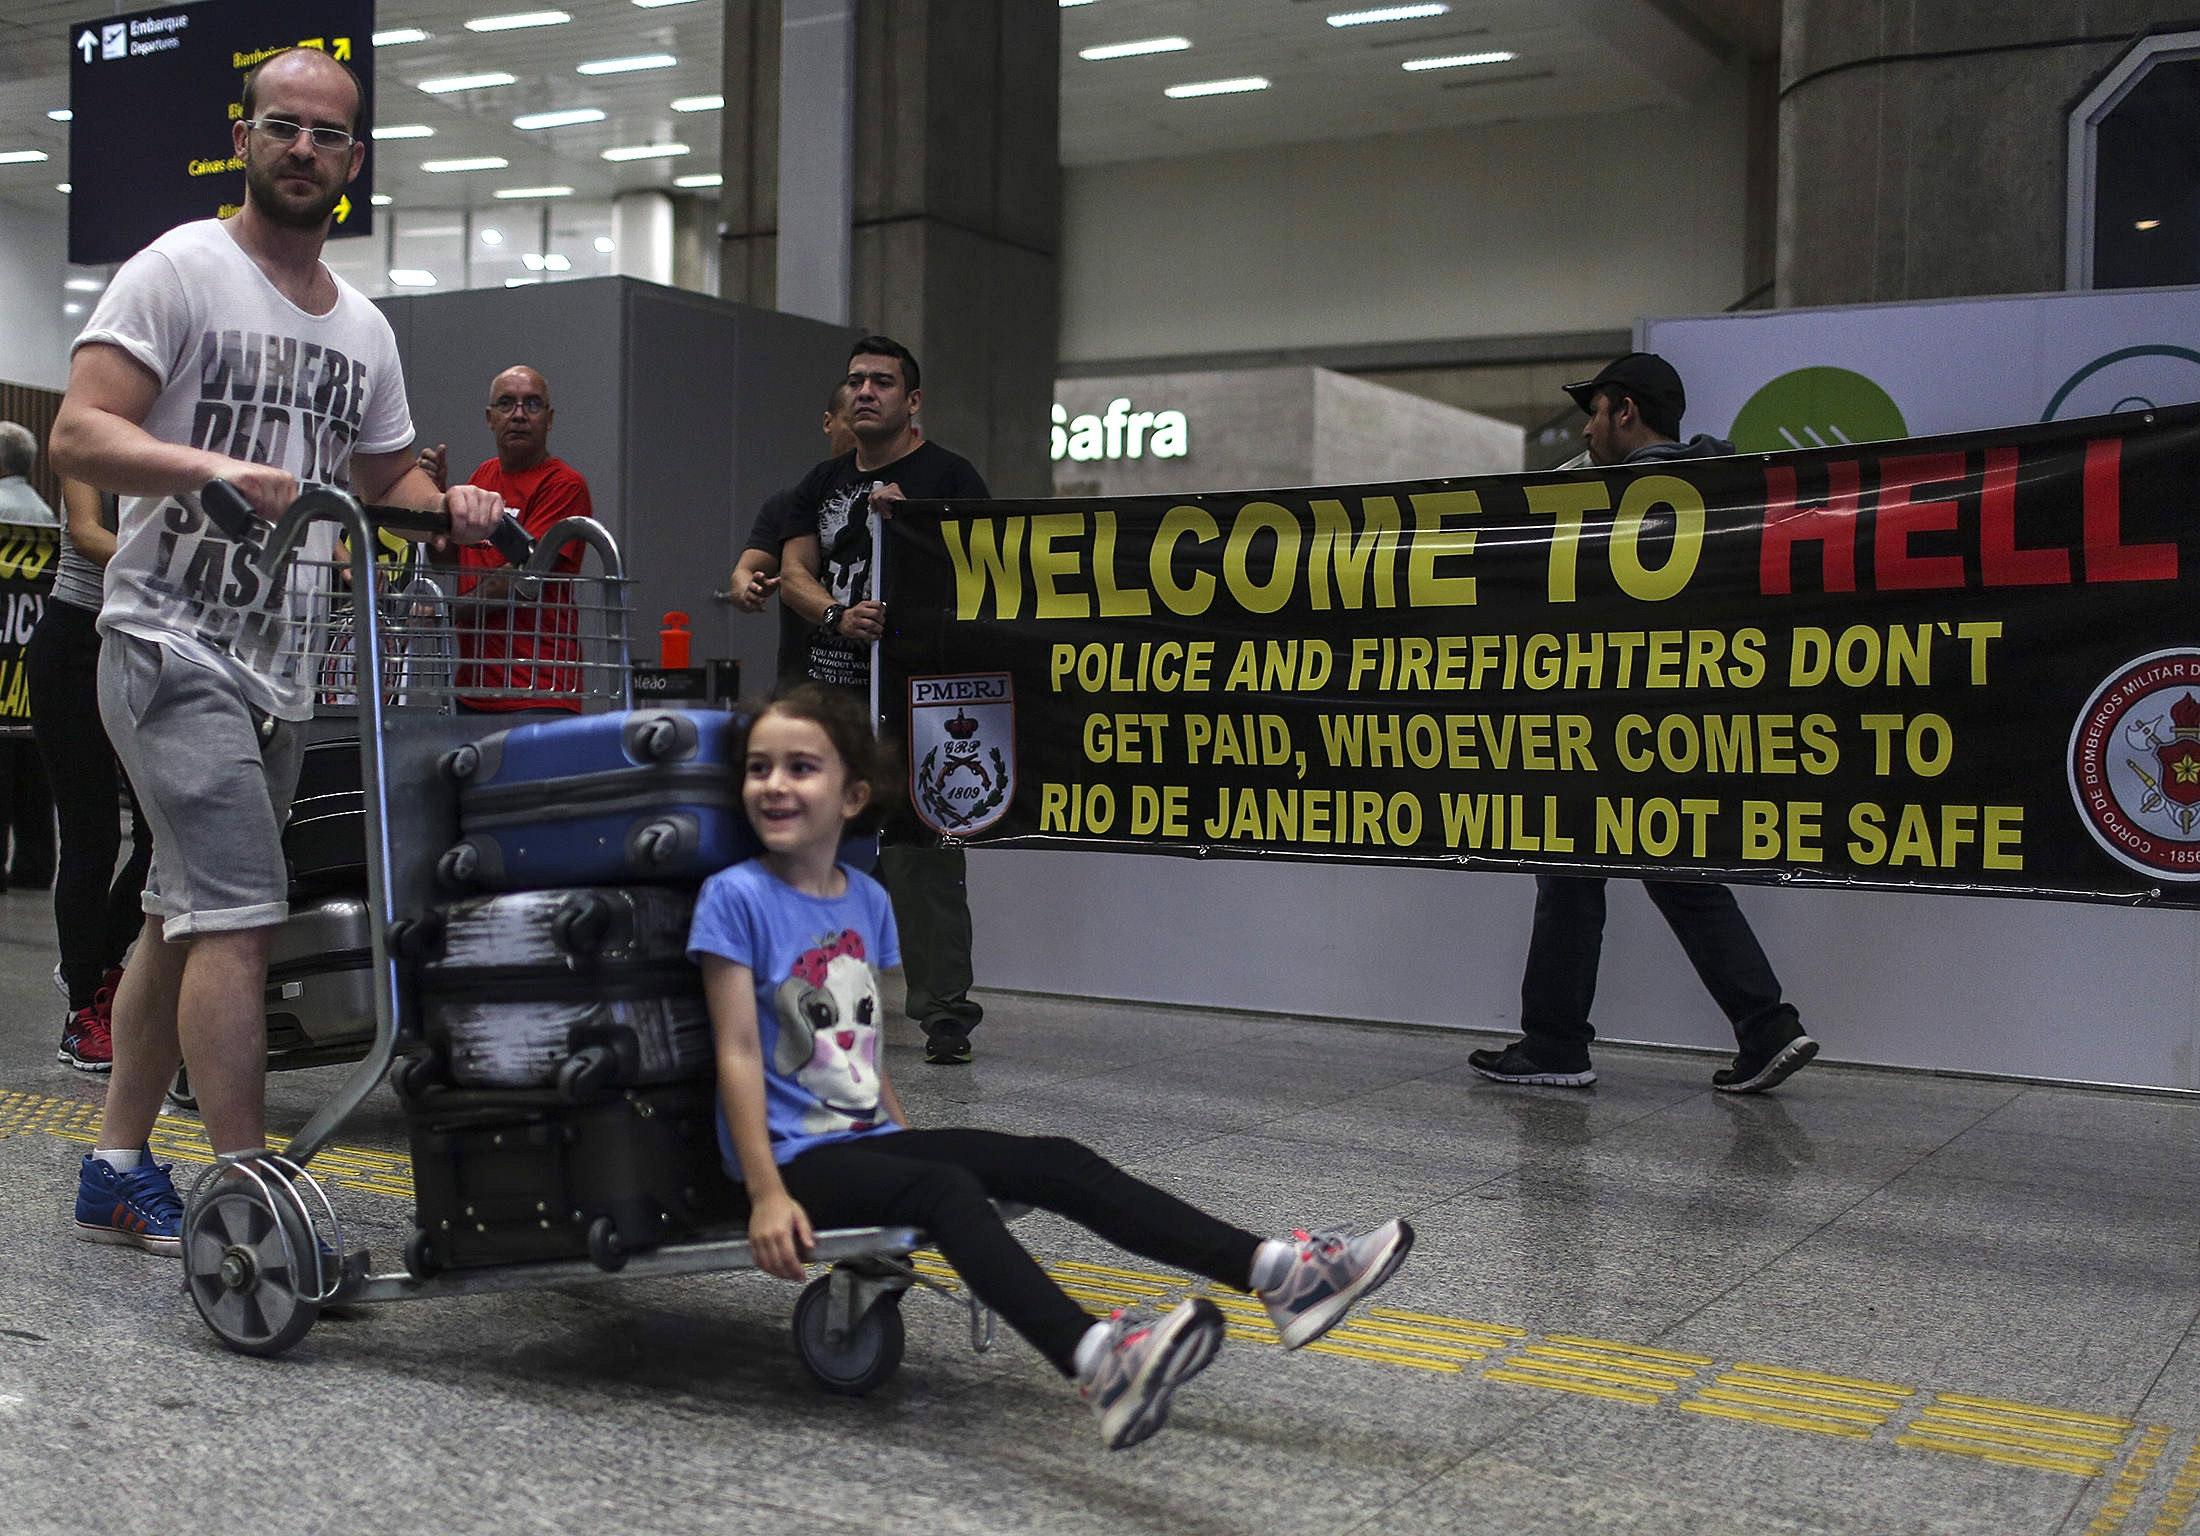 BRA10. RÍO DE JANEIRO (BRASIL), 04/07/2016.- Policías y bomberos del estado de Río de Janeiro protestan por el retraso en sus salarios y por mejores condiciones de trabajo hoy, lunes 4 de julio de 2016, en el aeropuerto internacional de Río de Janeiro (Brasil). Los manifestantes dicen no haber recibido sus salarios desde mayo y anunciaron nuevas protestas durante los Juegos Olímpicos Río 2016 si esta situación no se resuelve. EFE/Antonio Lacerda